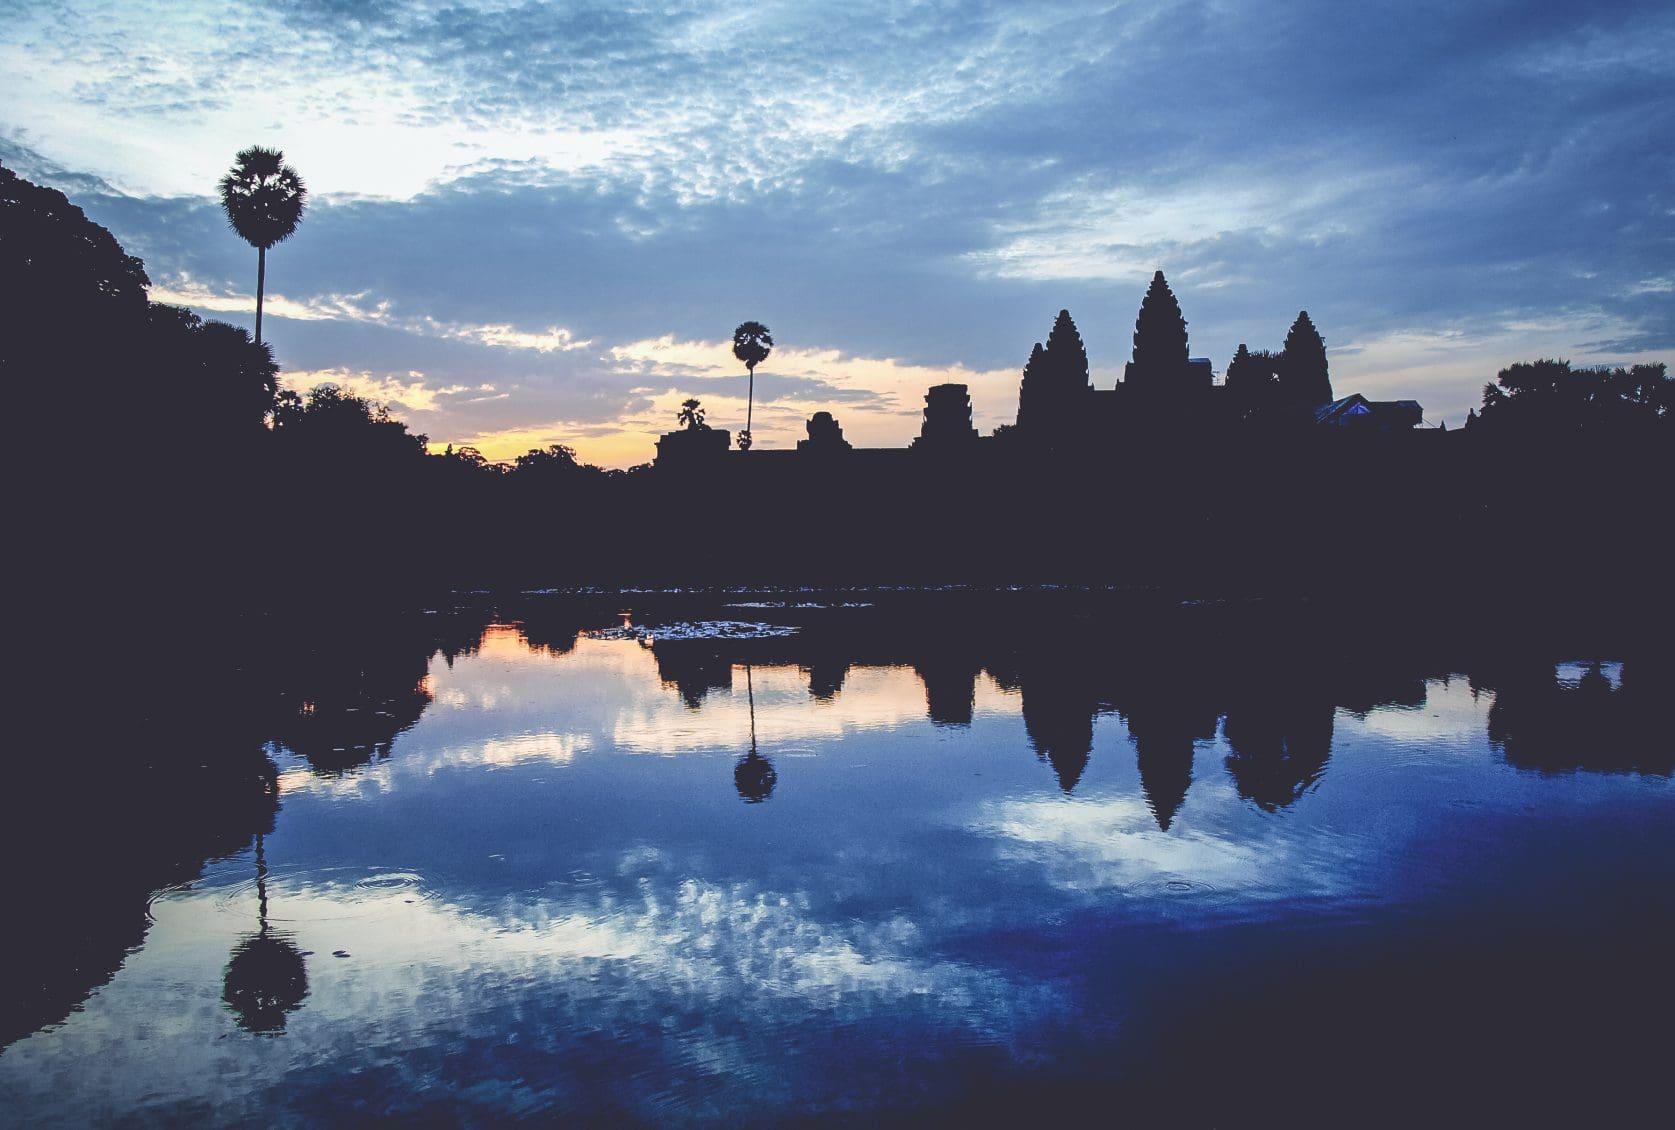 tempels angkor